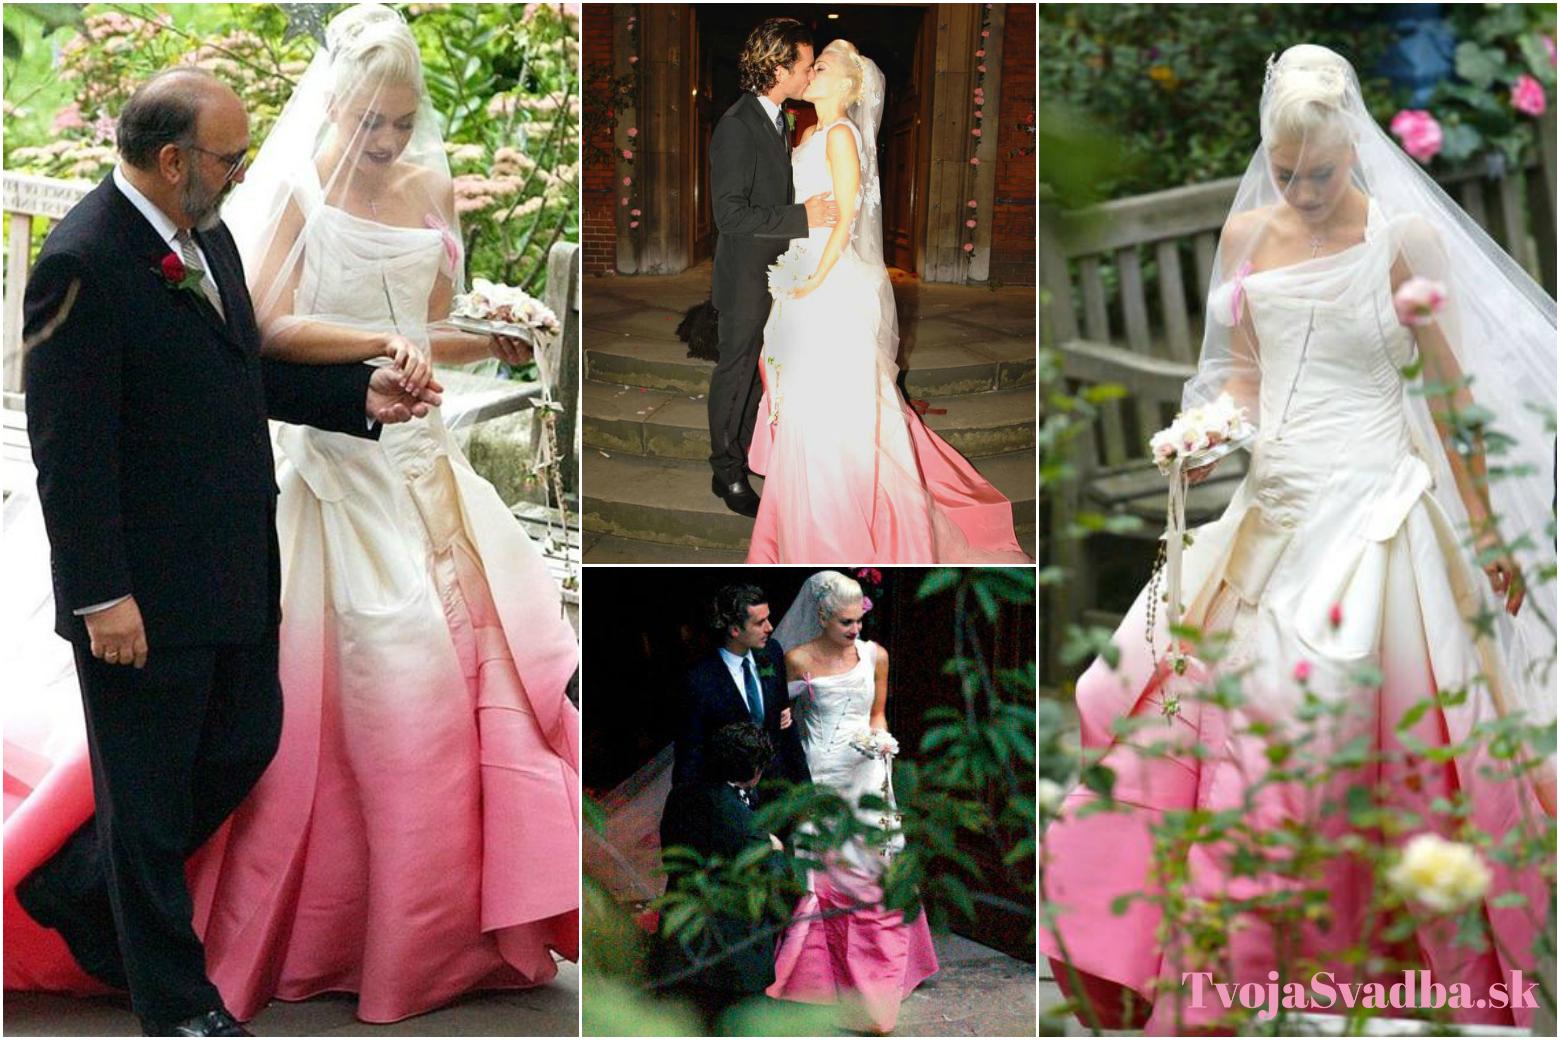 0bc40a5b0b05 Farebné svadobné šaty celebrít  Pretože svadba nemusí byť len biela ...